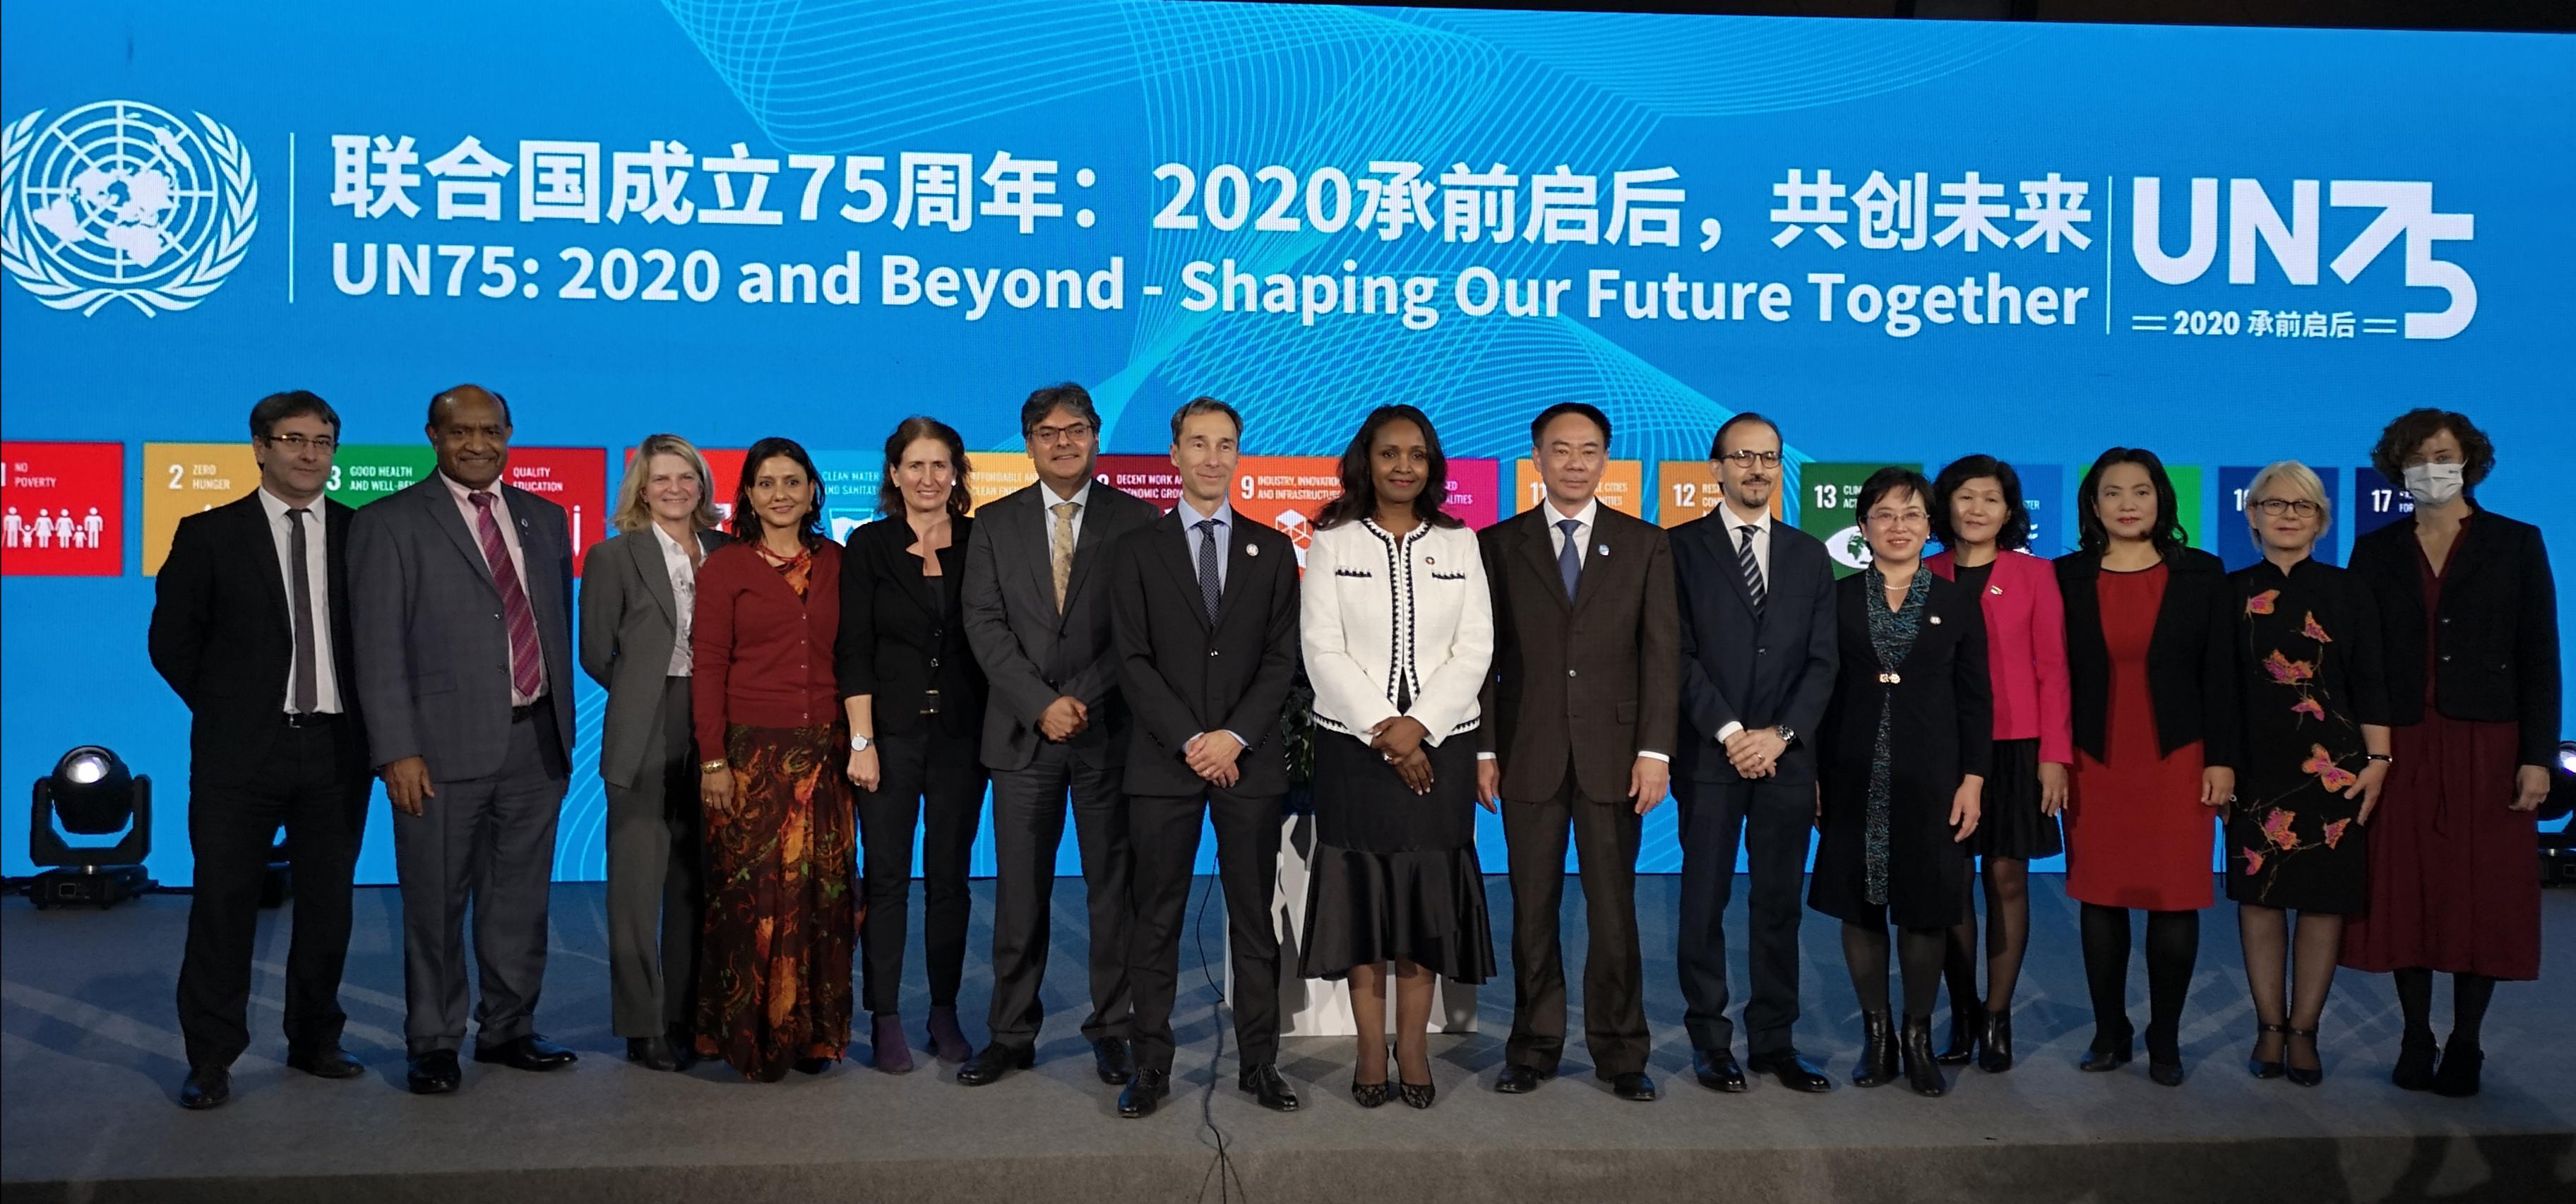 UN in China celebrates 75th anniversary